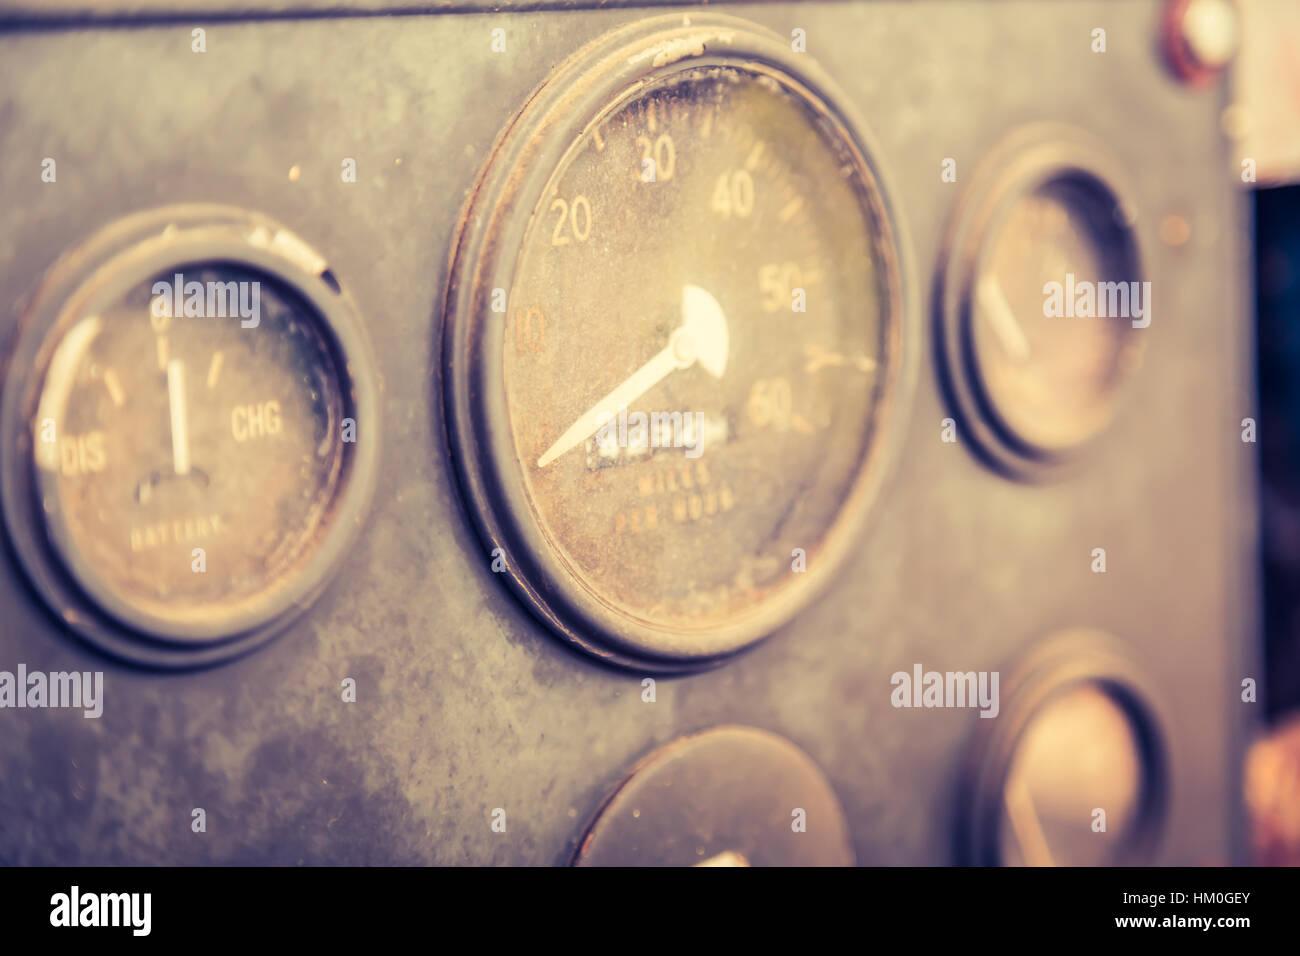 Vintage Car mètre jauge ( image filtrée traitées effet vintage. ) Banque D'Images